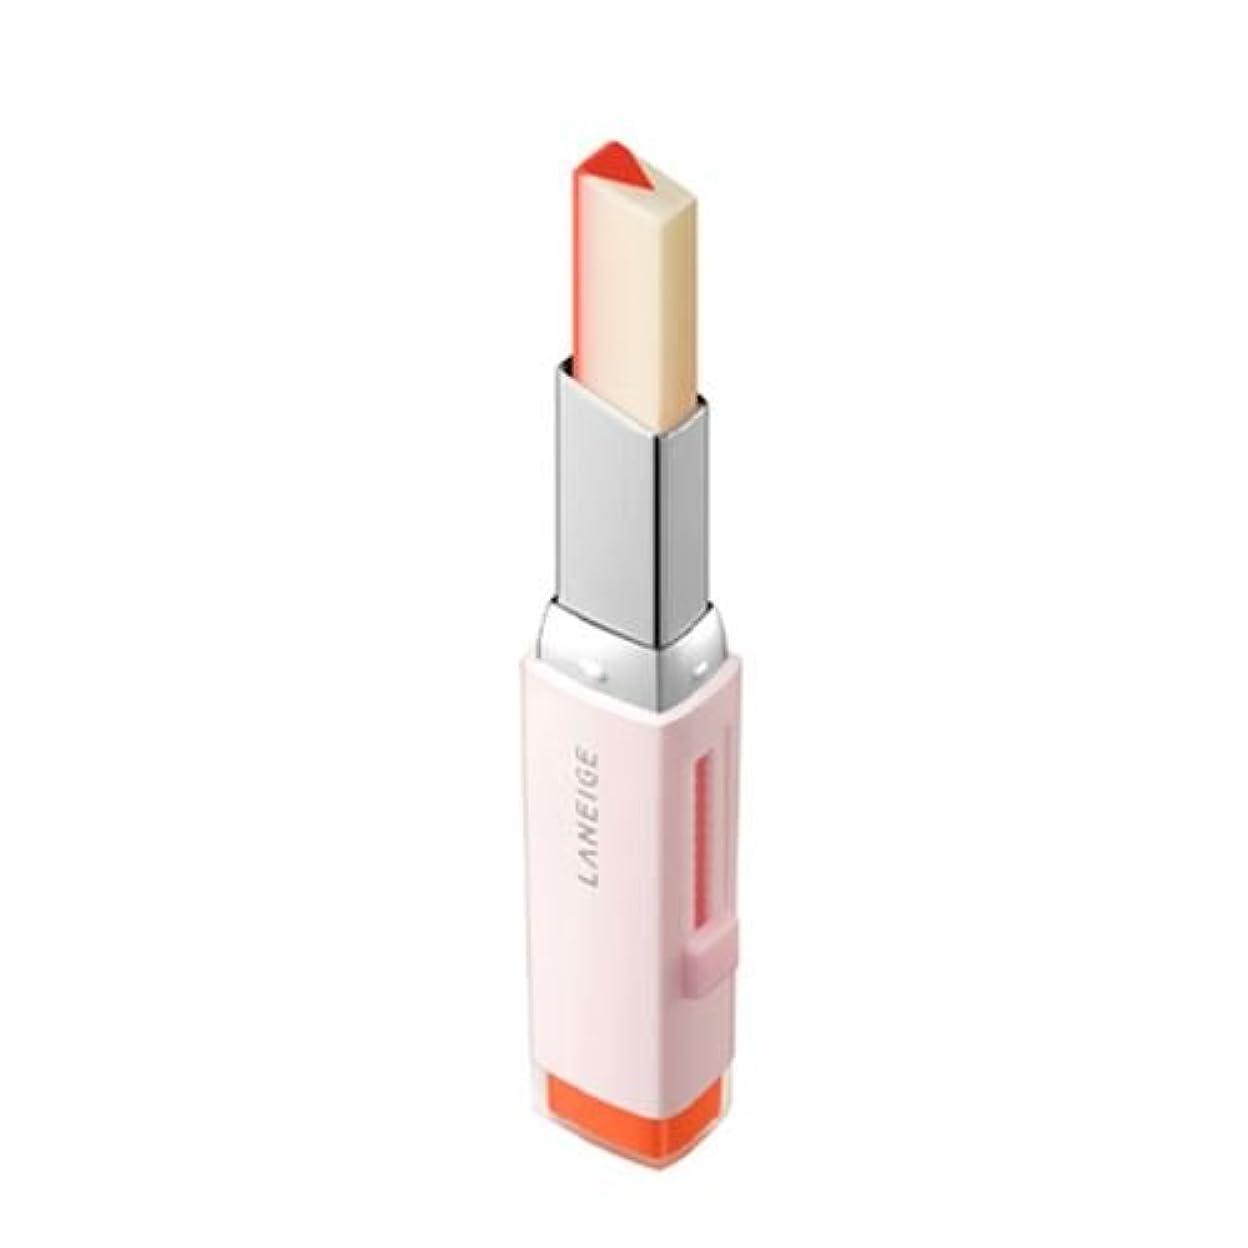 スクランブル墓地キャメル[New] LANEIGE Two Tone Tint Lip Bar 2g/ラネージュ ツー トーン ティント リップ バー 2g (#02 Tangeine Slice) [並行輸入品]